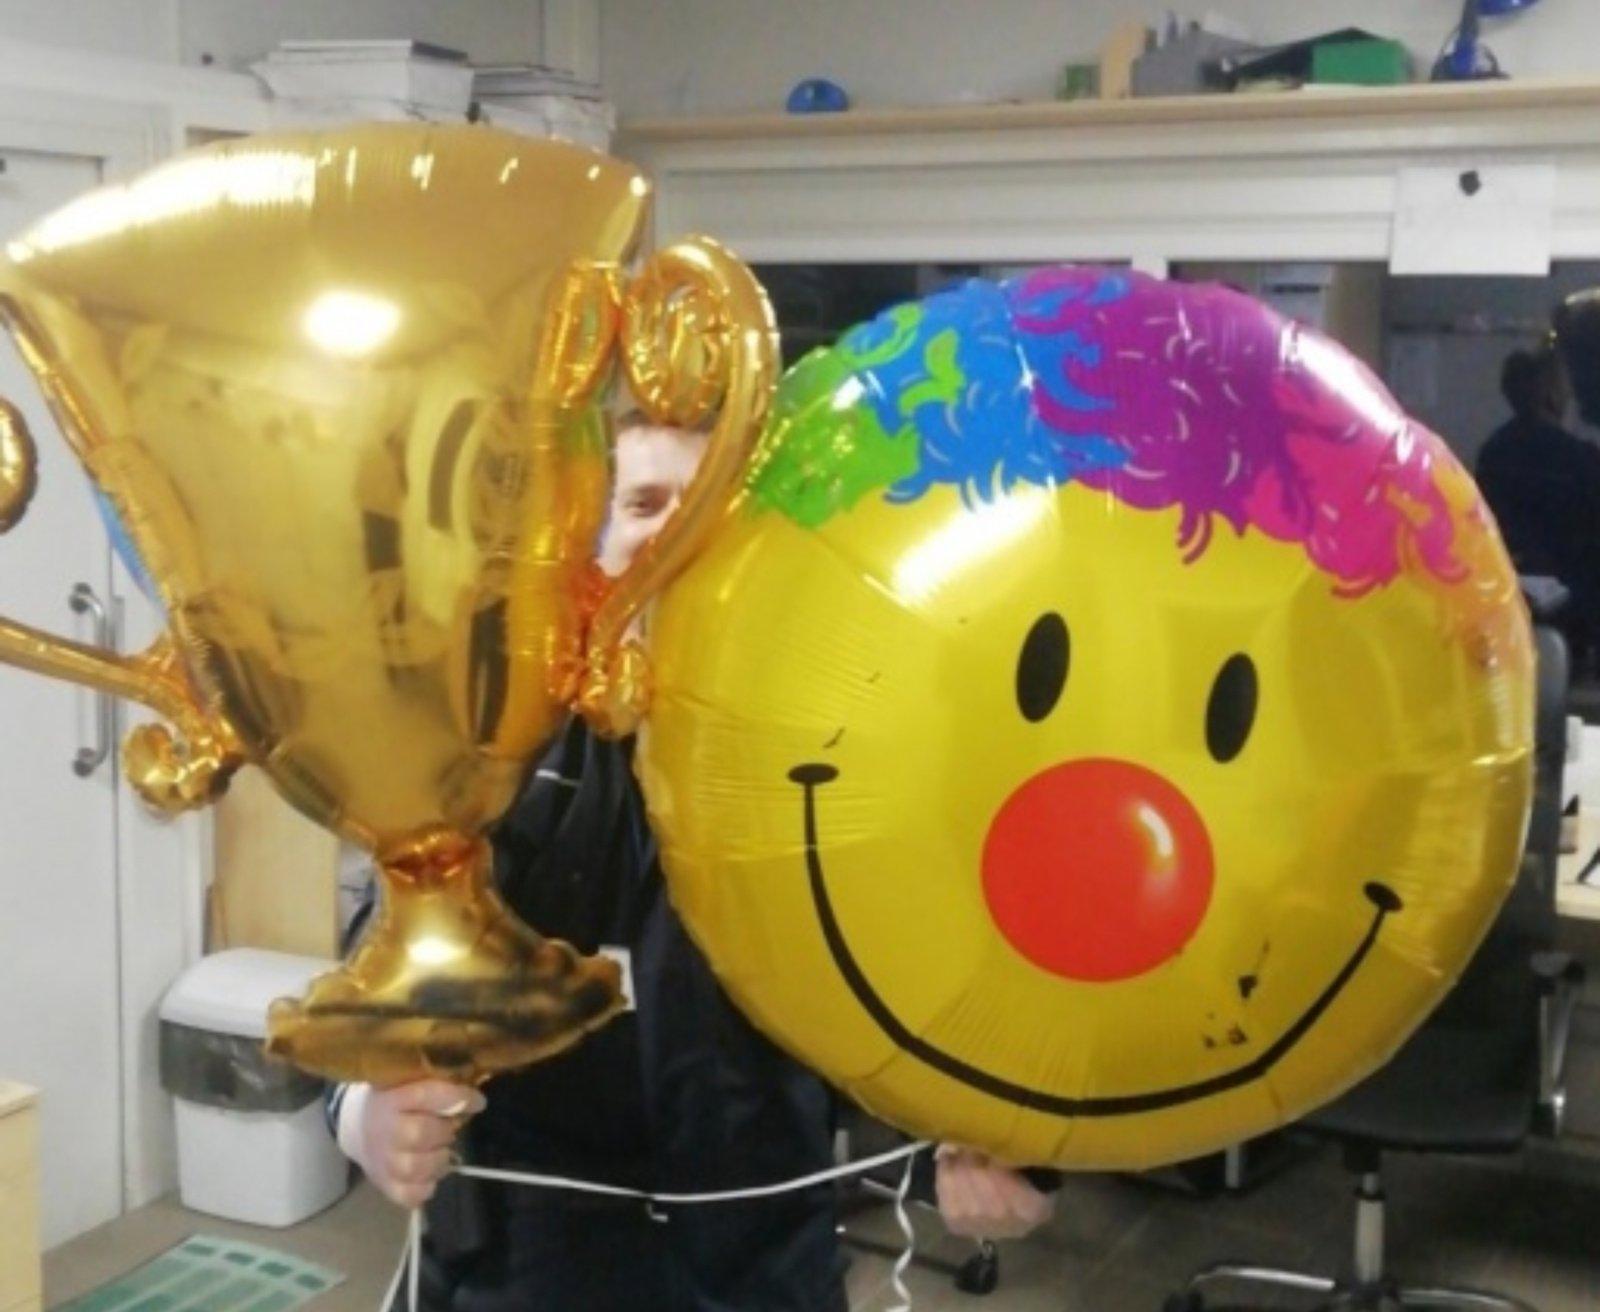 Pareigūnai perėmė telefonus, į Vilniaus pataisos namus skraidintus balionais